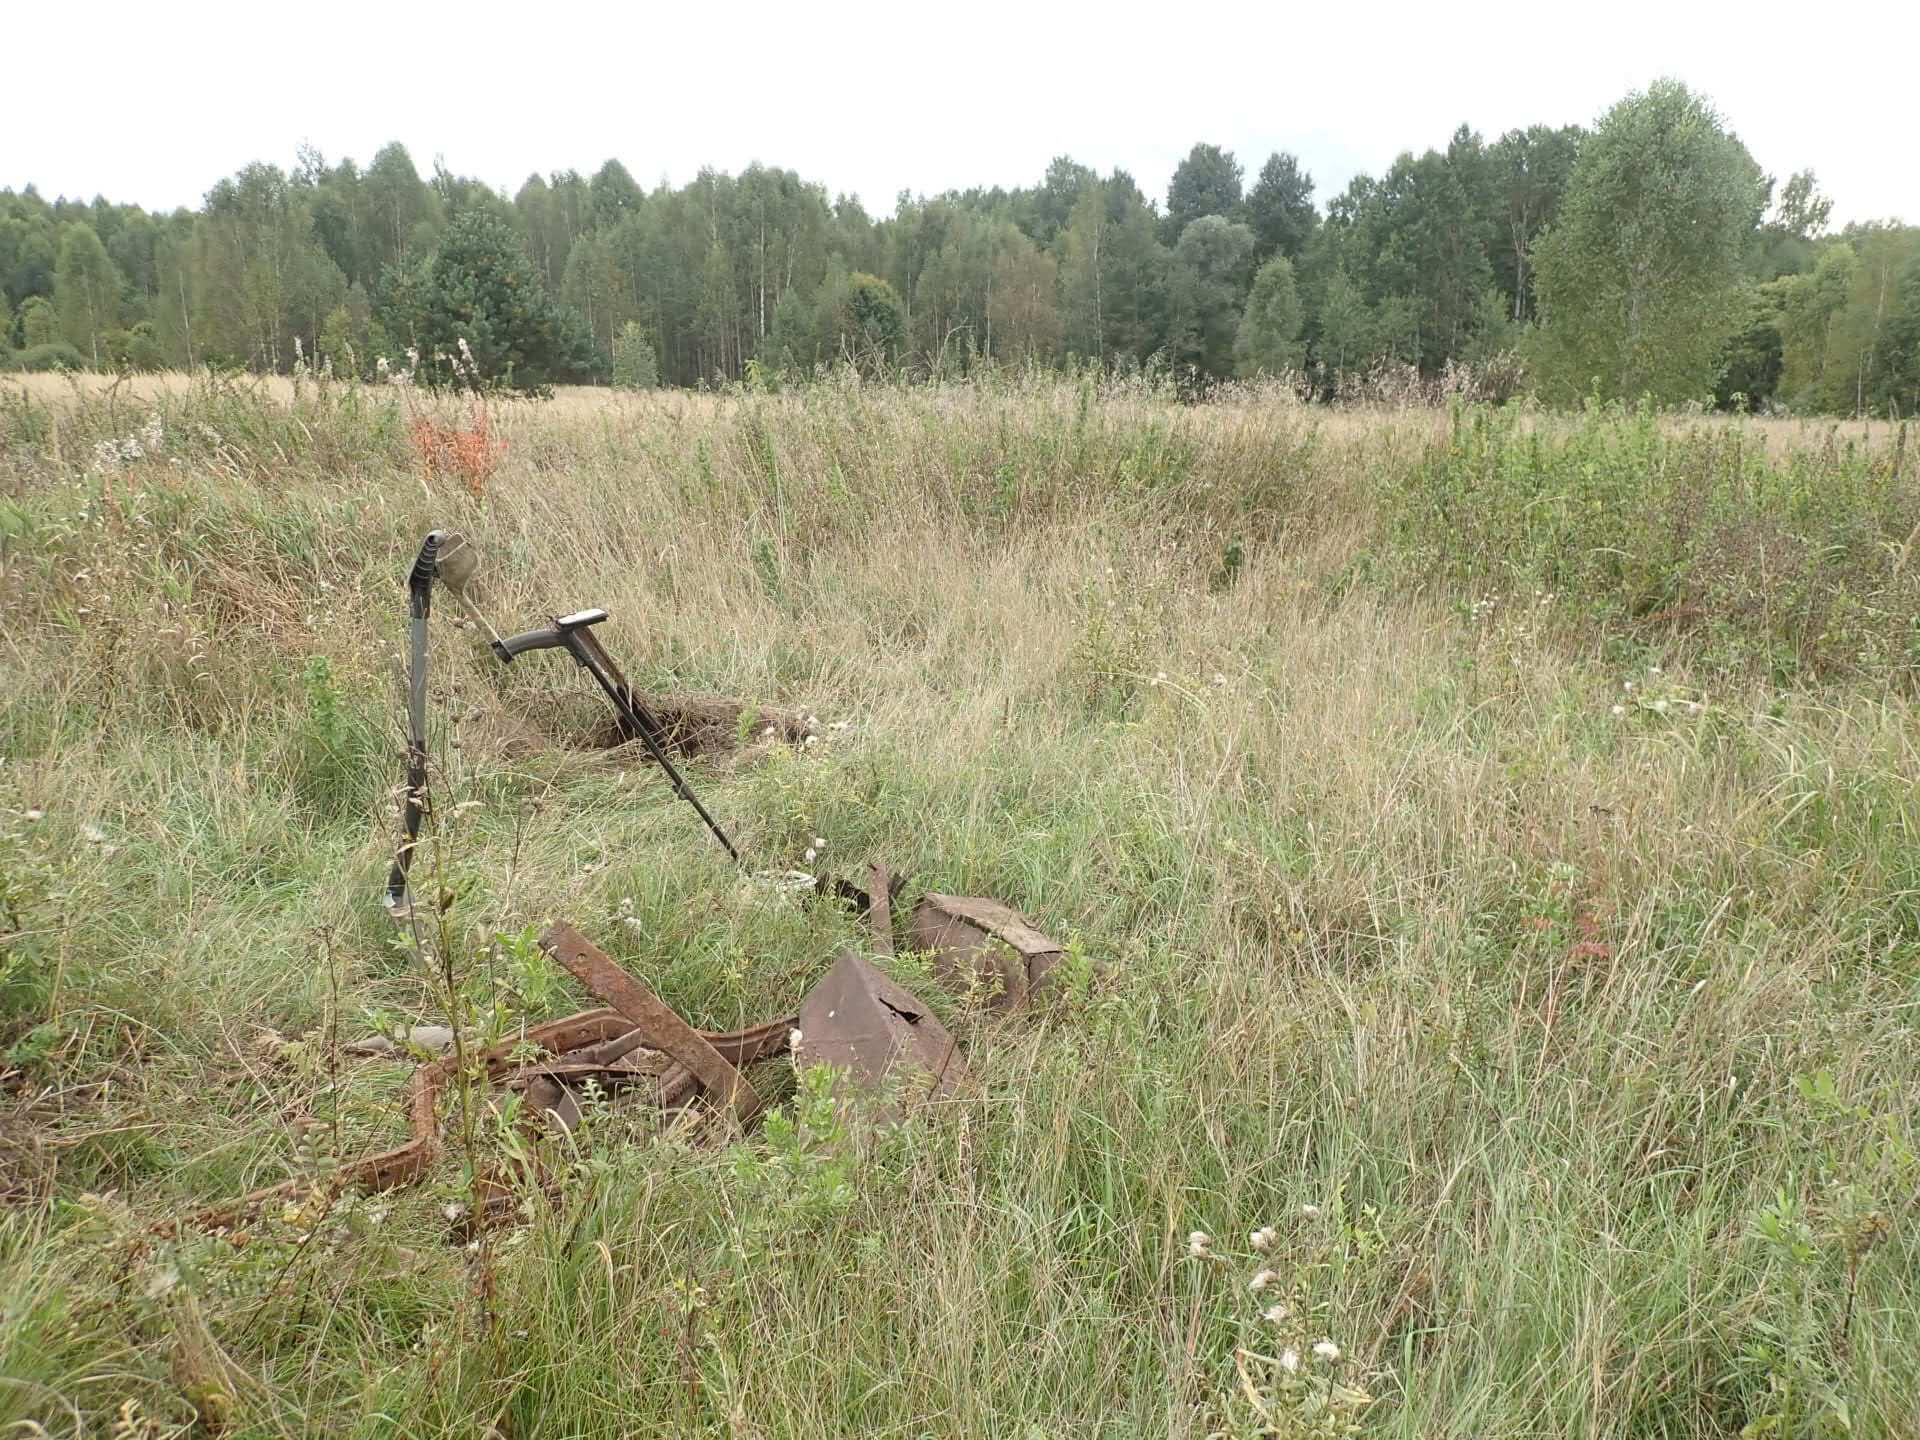 Металлолом на рембазе советского фермера. Как это было и что стало с фермером?